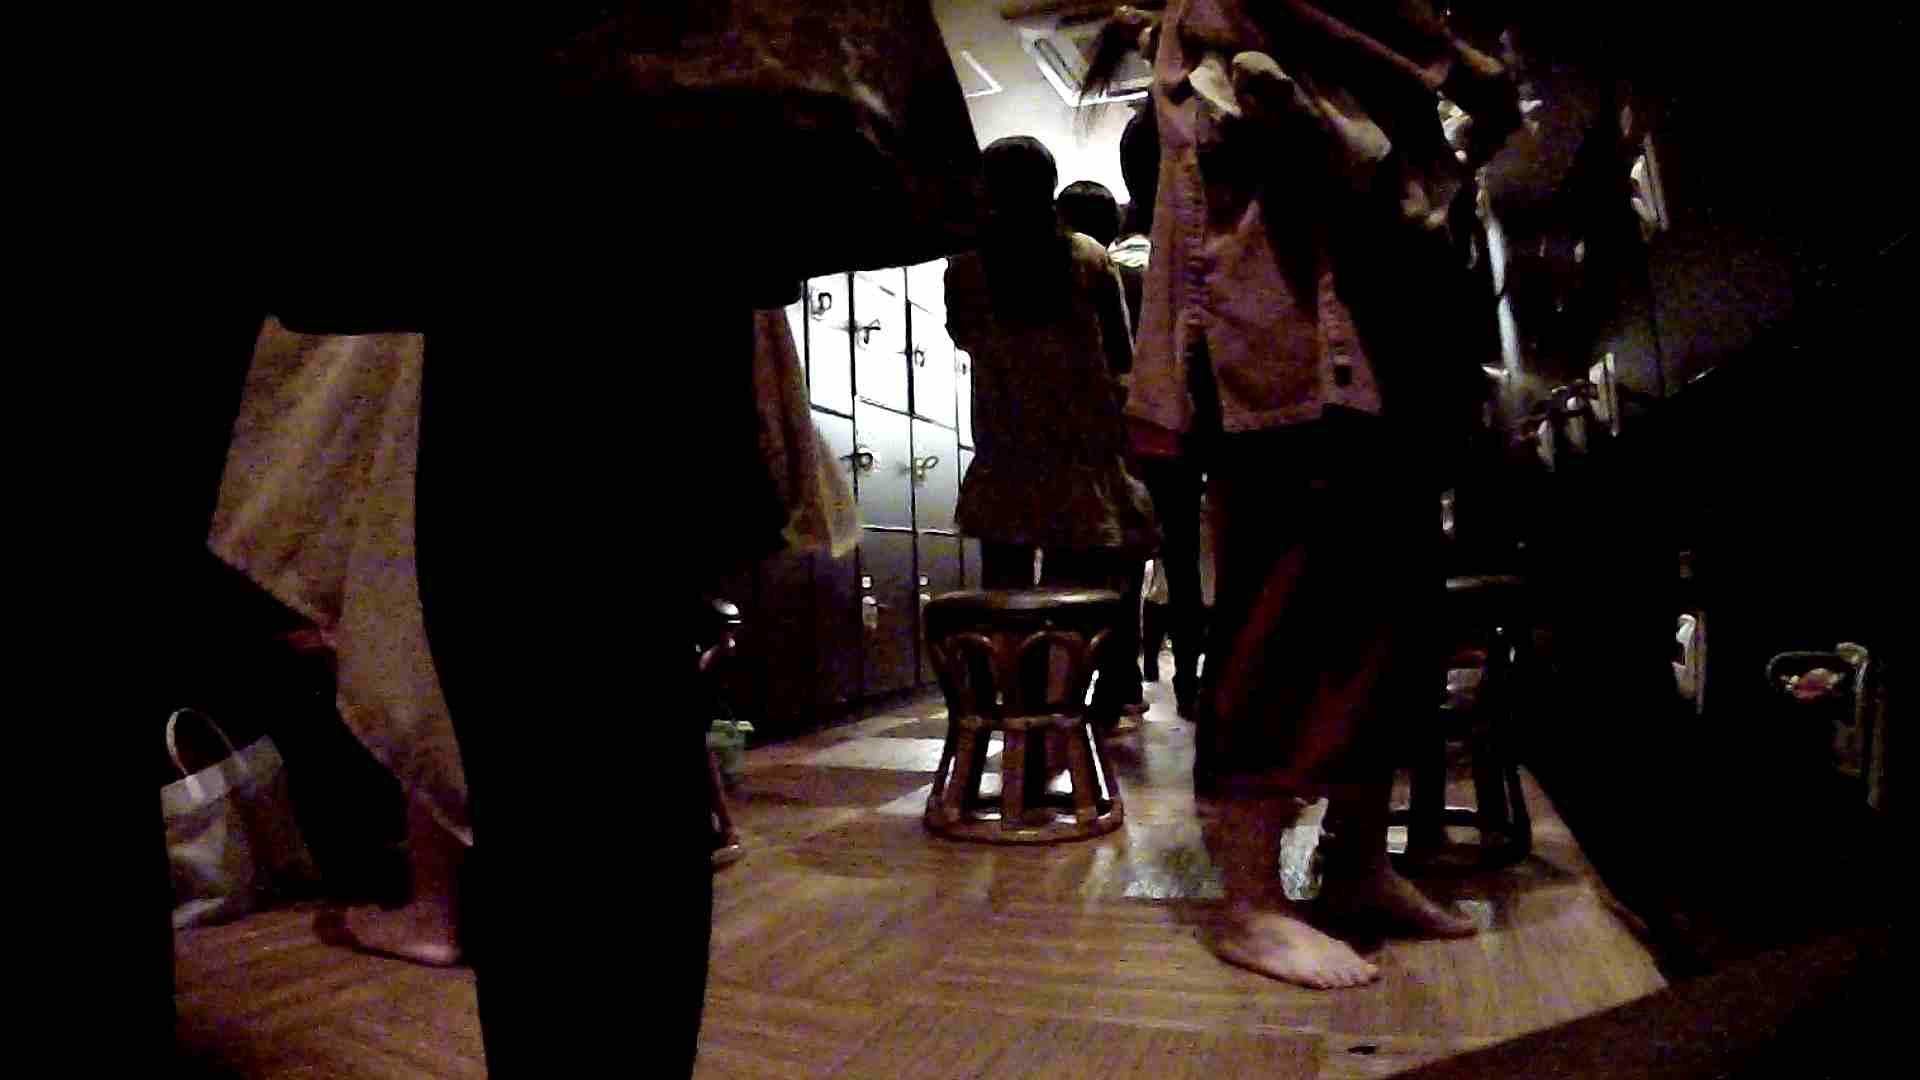 脱衣所!オムニバス 大混雑!注目はあの人の御御足でしょう。 潜入エロ調査   銭湯  51連発 24